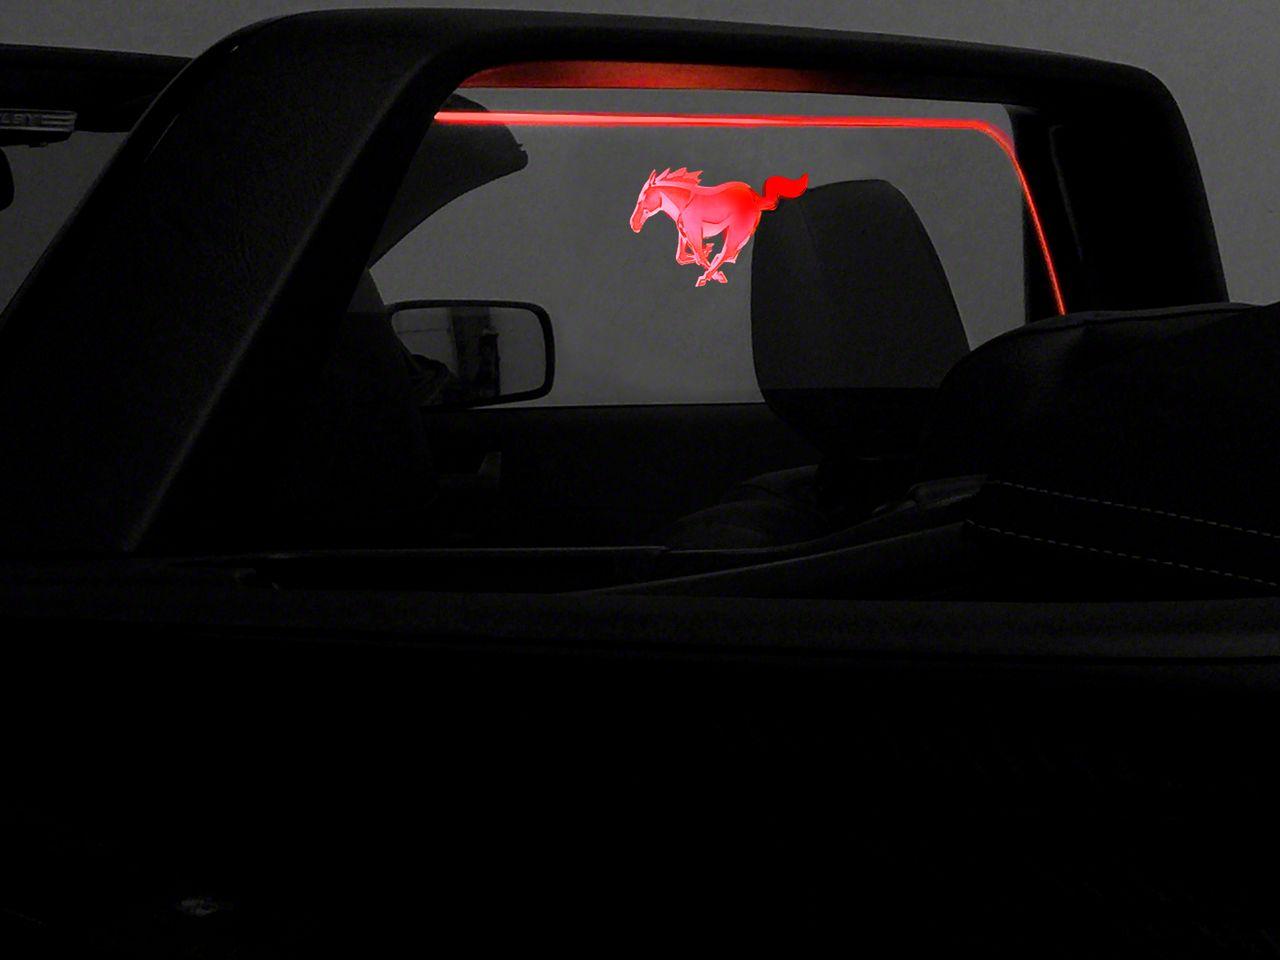 SpeedForm Laser Engraved Wind Deflector w/ Illumination - Running Pony (05-09 All)